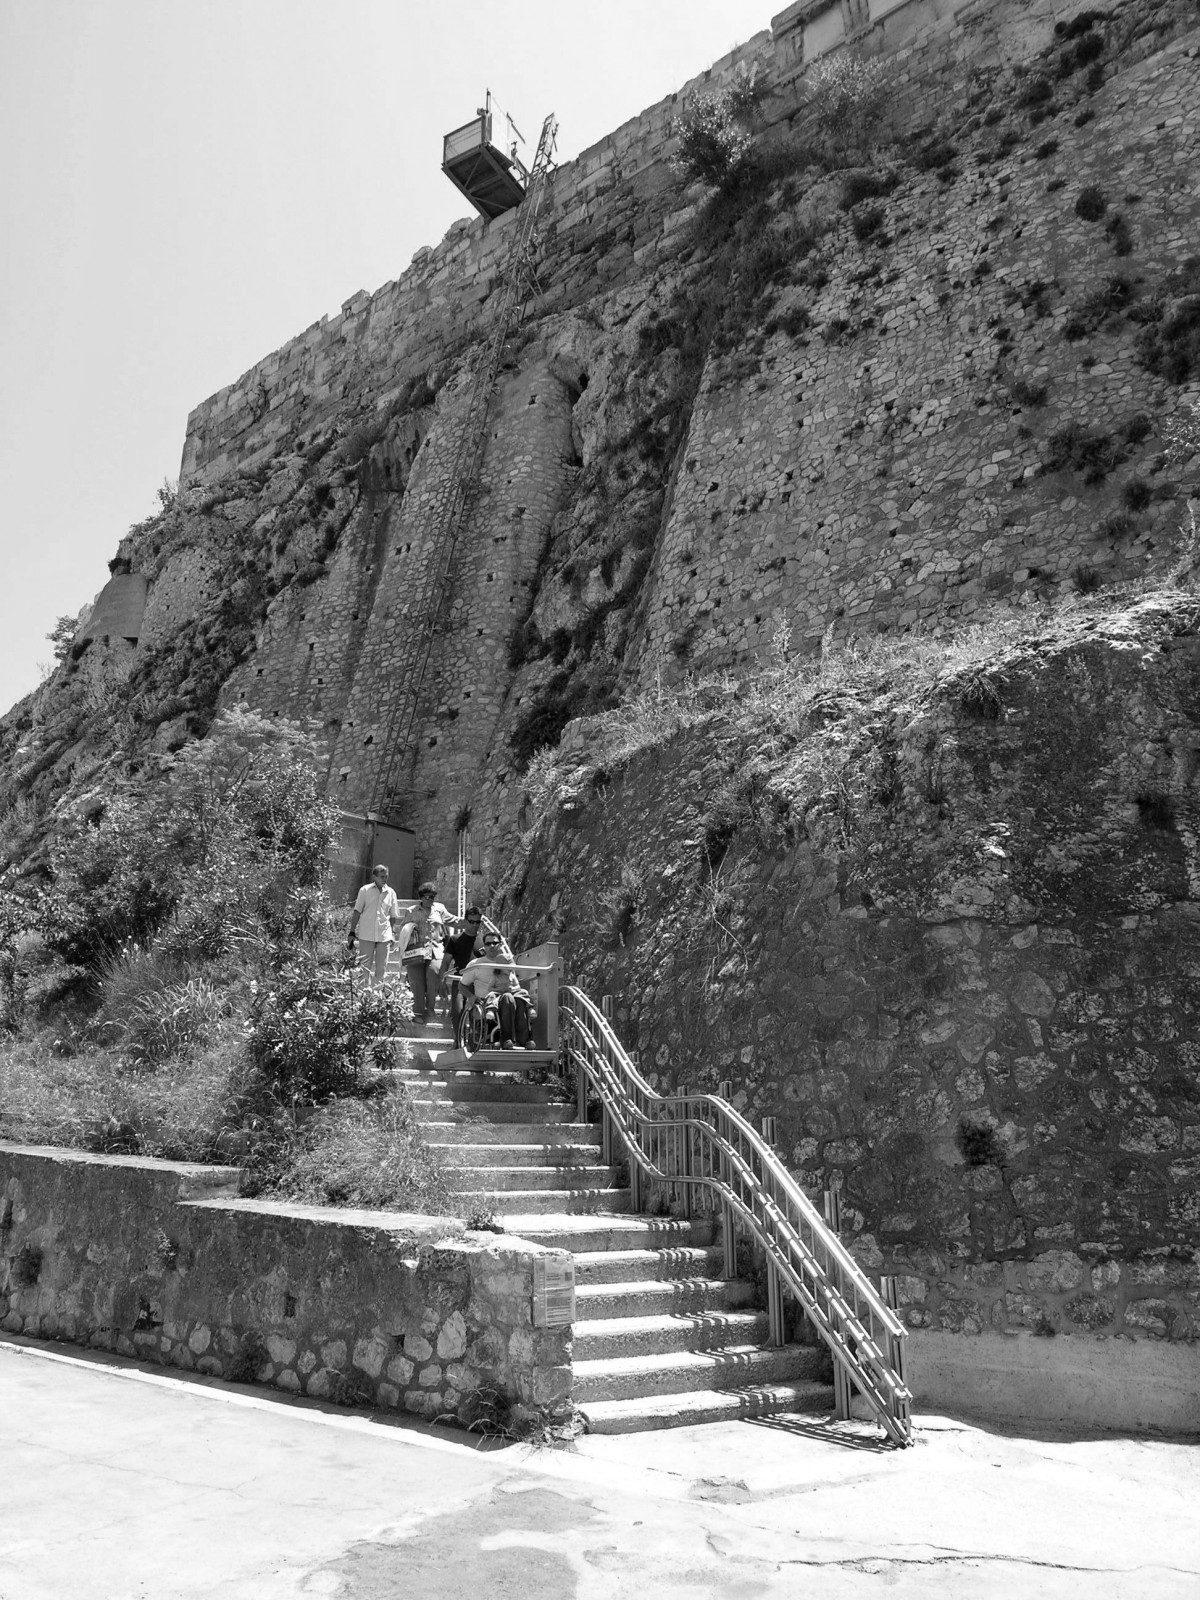 Η πρόσβαση και εξυπηρέτηση των ΑμεA σε μουσεία, πολιτιστικούς χώρους και μνημεία της Ελλάδας | «αρχιτέκτονες»